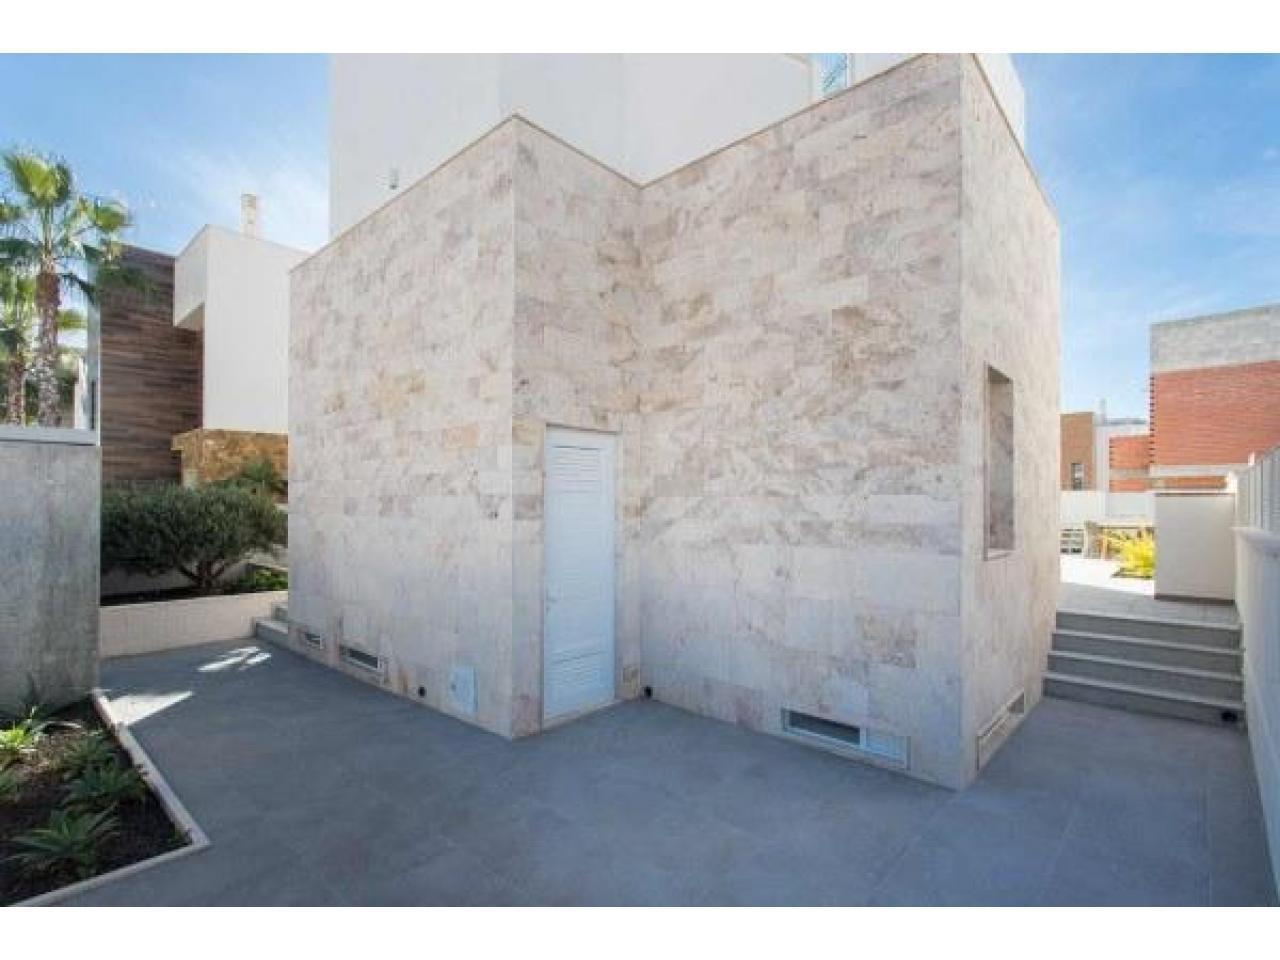 Недвижимость в Испании, Новая вилла рядом с пляжем от застройщика в Торревьеха,Коста Бланка,Испания - 10